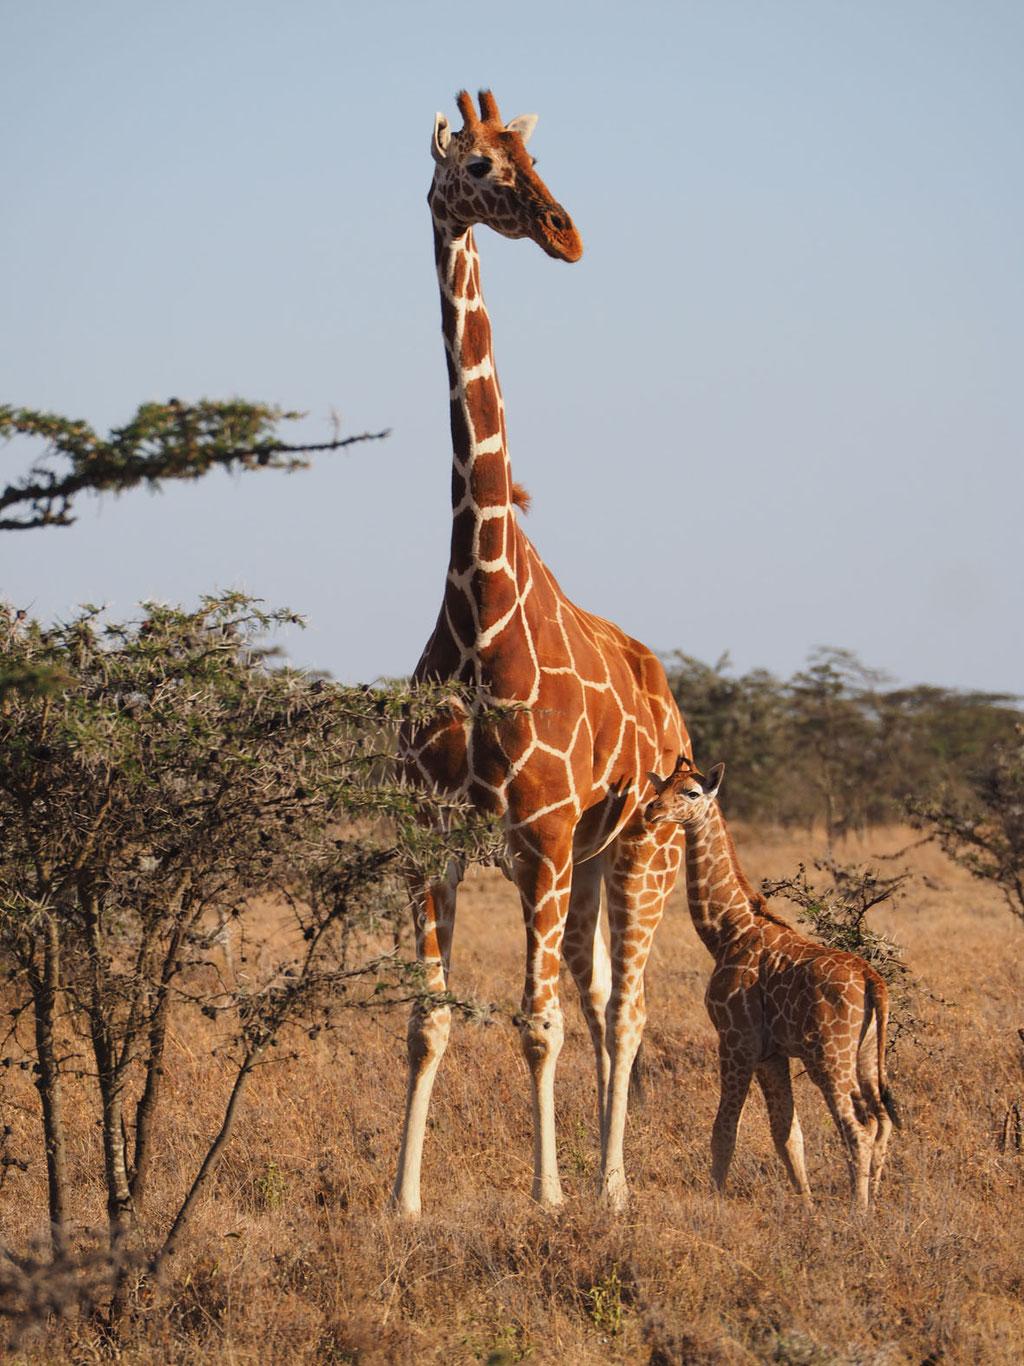 Kenia, Laikipia Plateau: Giraffe mit 2 Wochen altem Jungtier